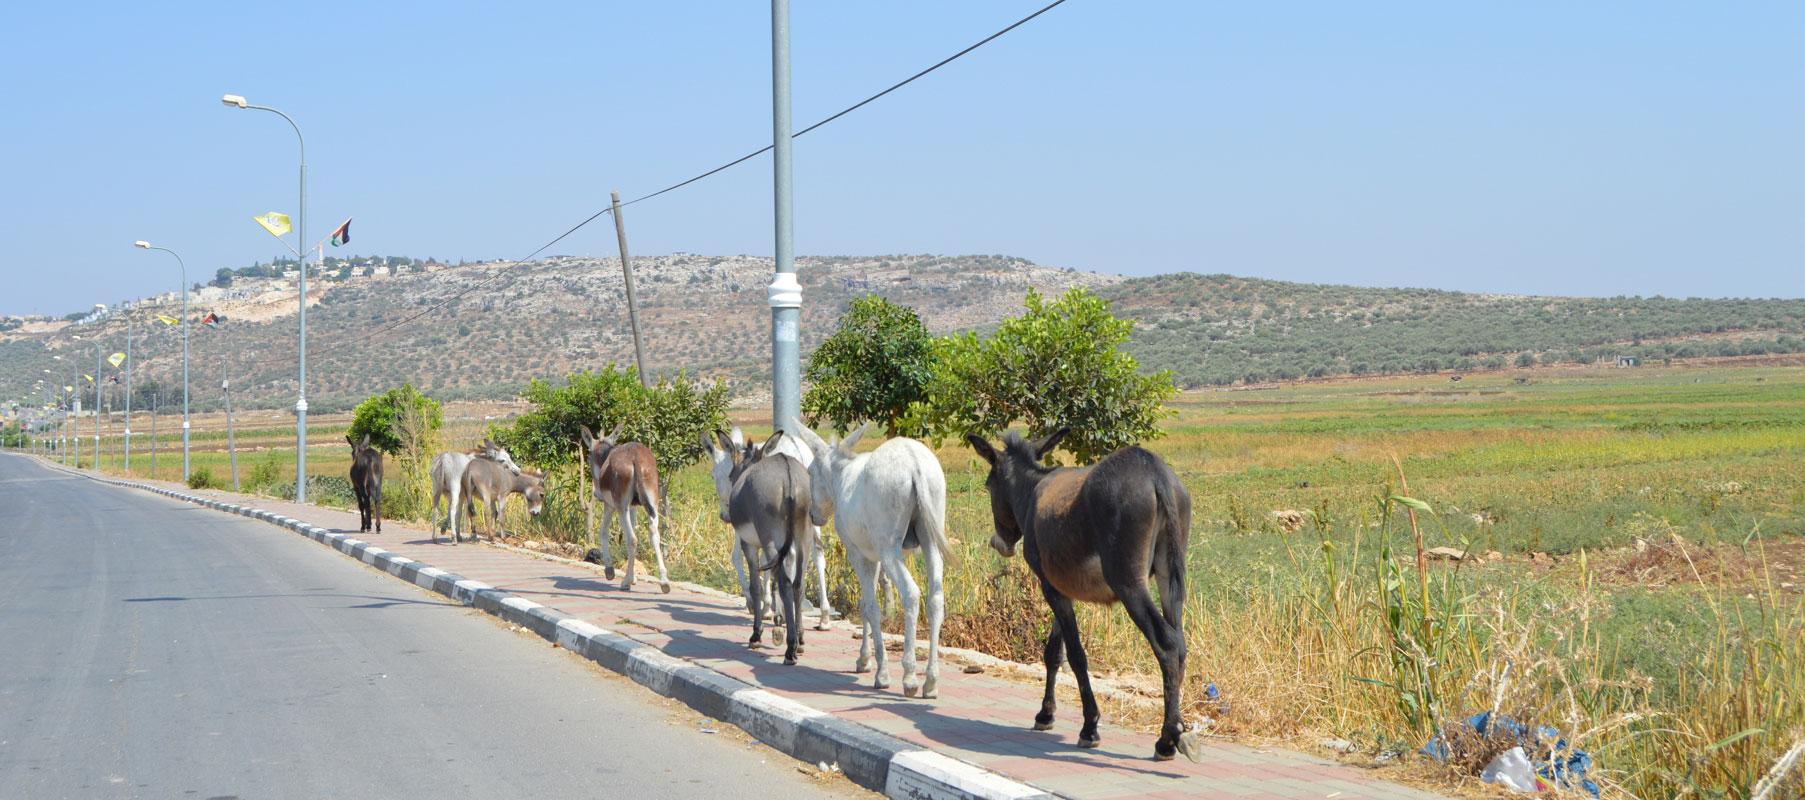 Deir Balut, Palestine